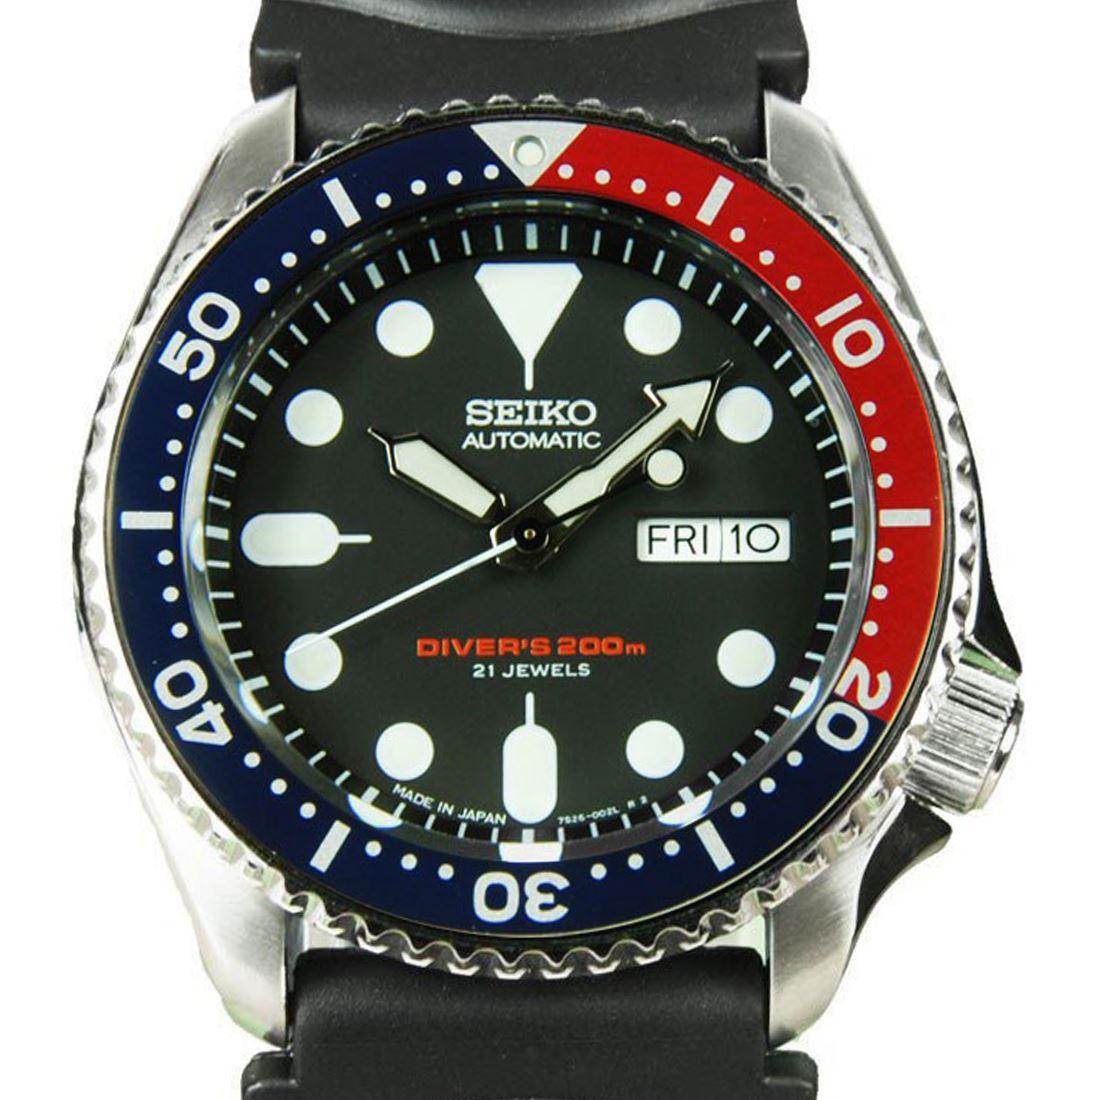 TOP-SELLING-Seiko-SKX009-SKX009J1-SKX009J2-SKX009K1-SKX009K2-Pepsi-Dive-Watch thumbnail 5